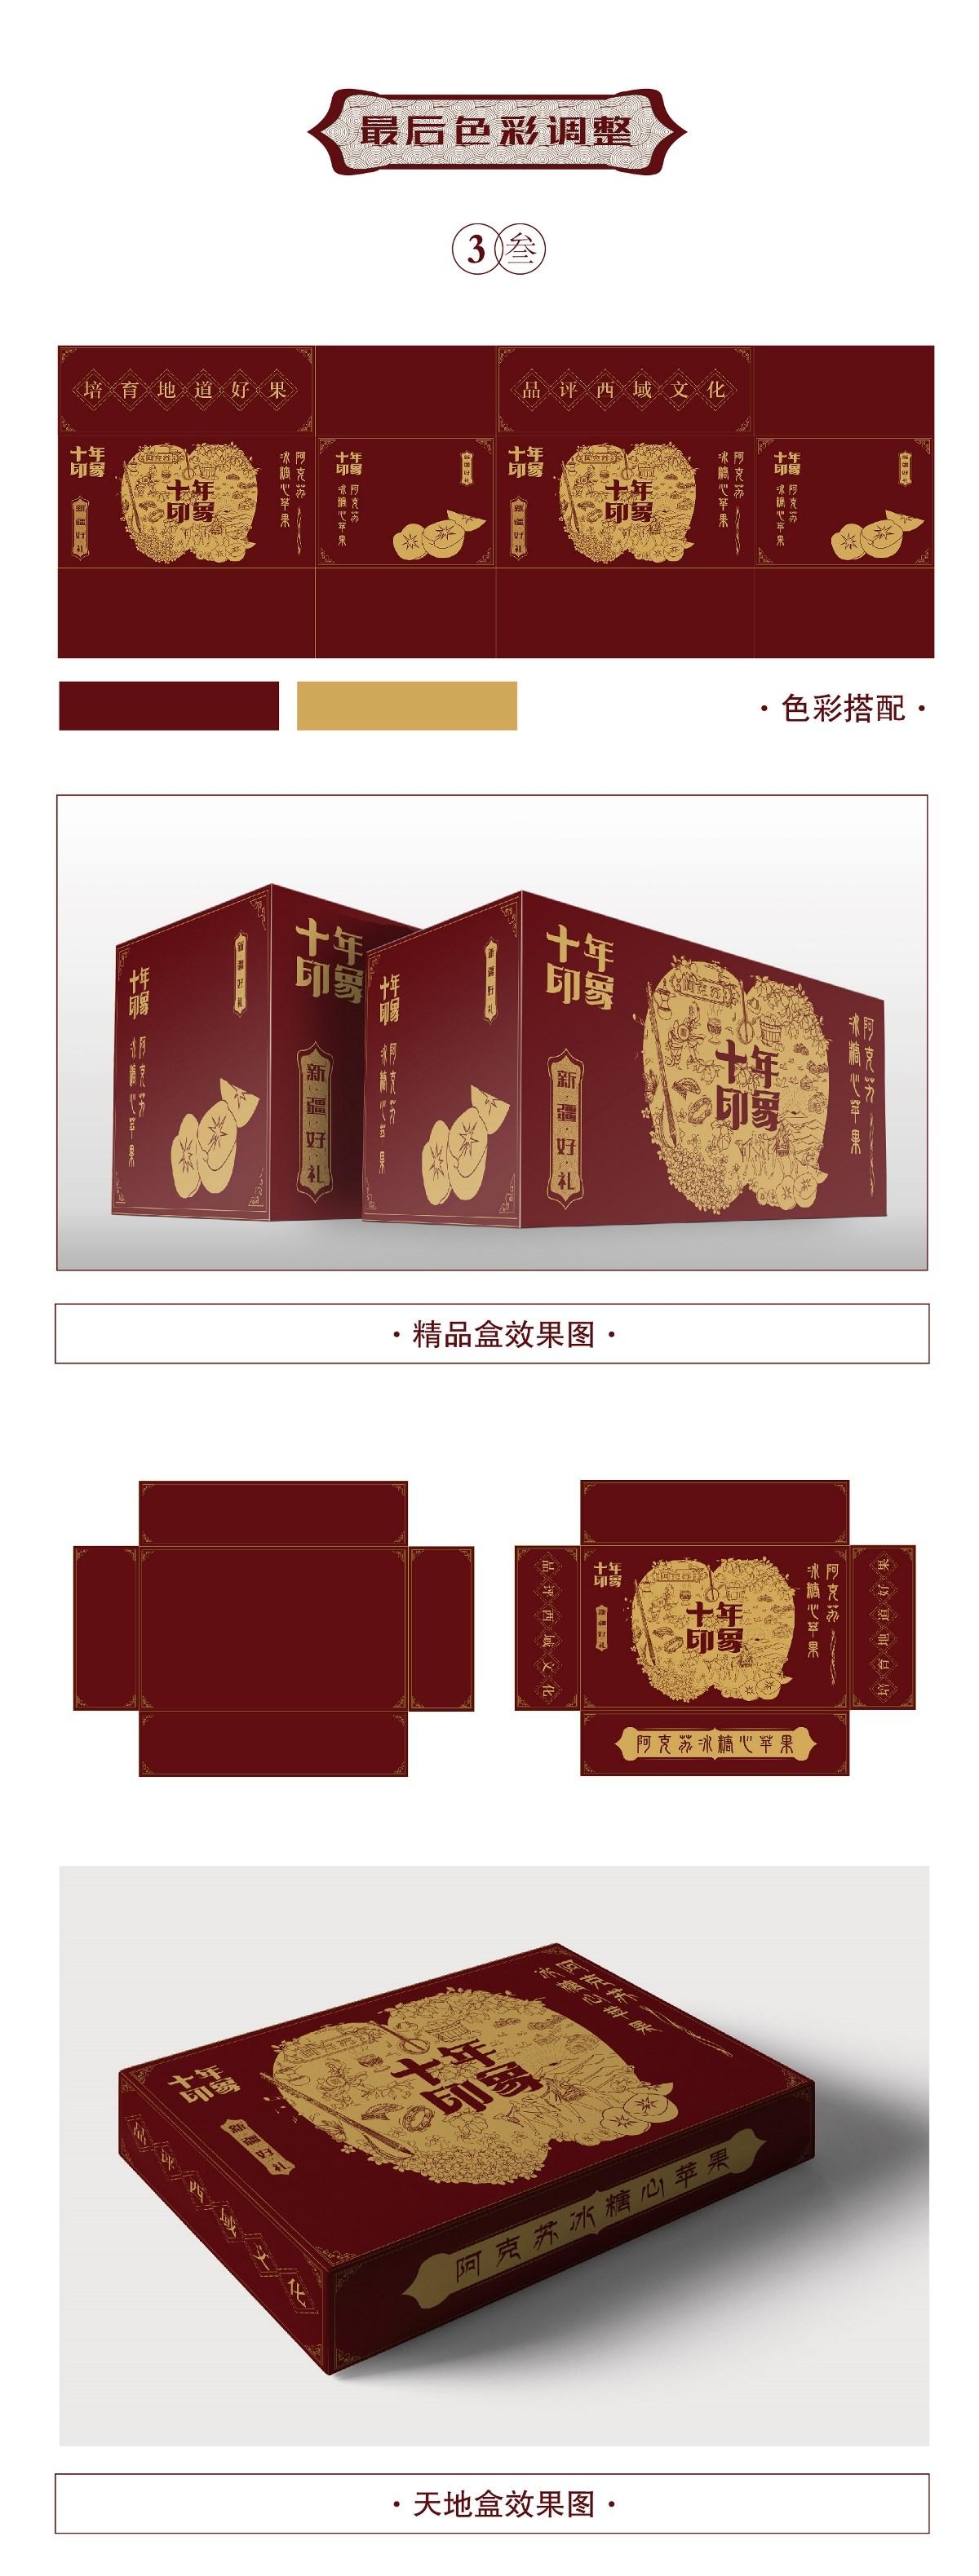 新疆苹果新年礼盒包装与策划